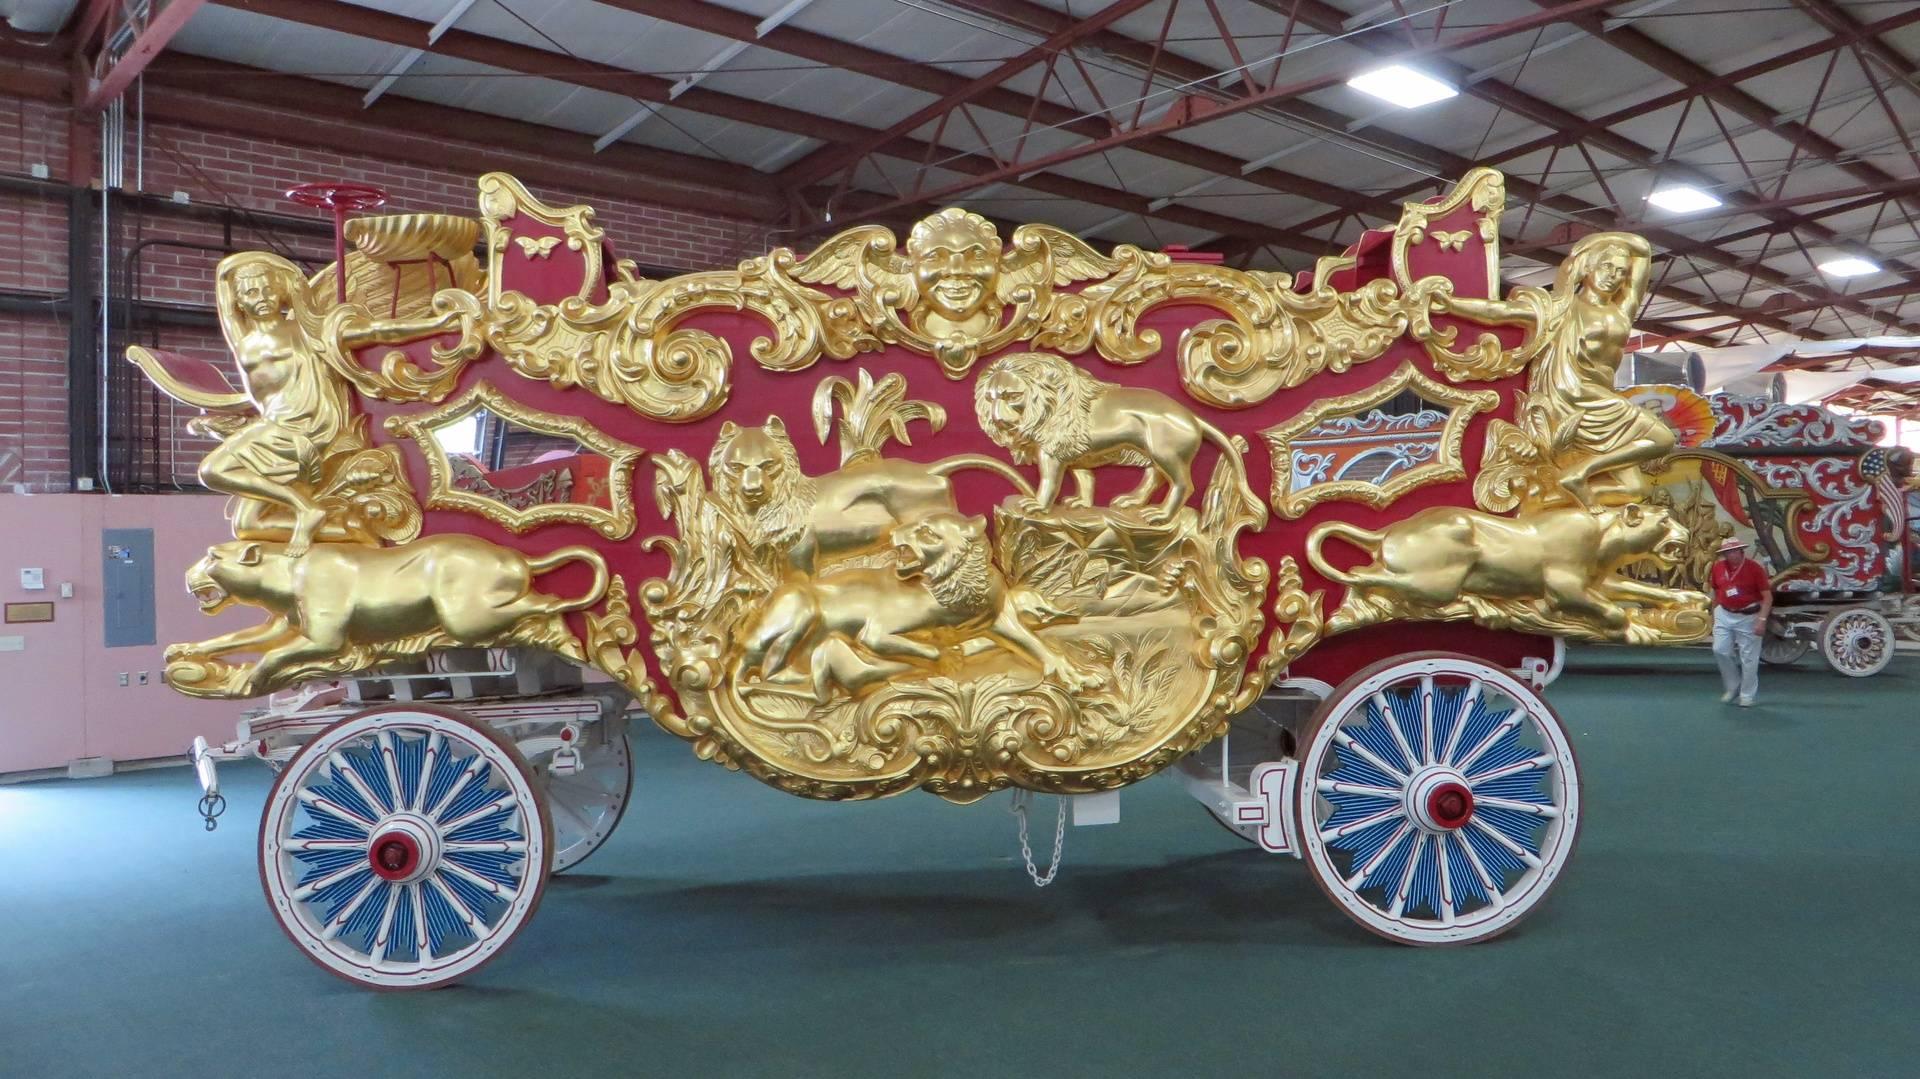 Circus World wagon